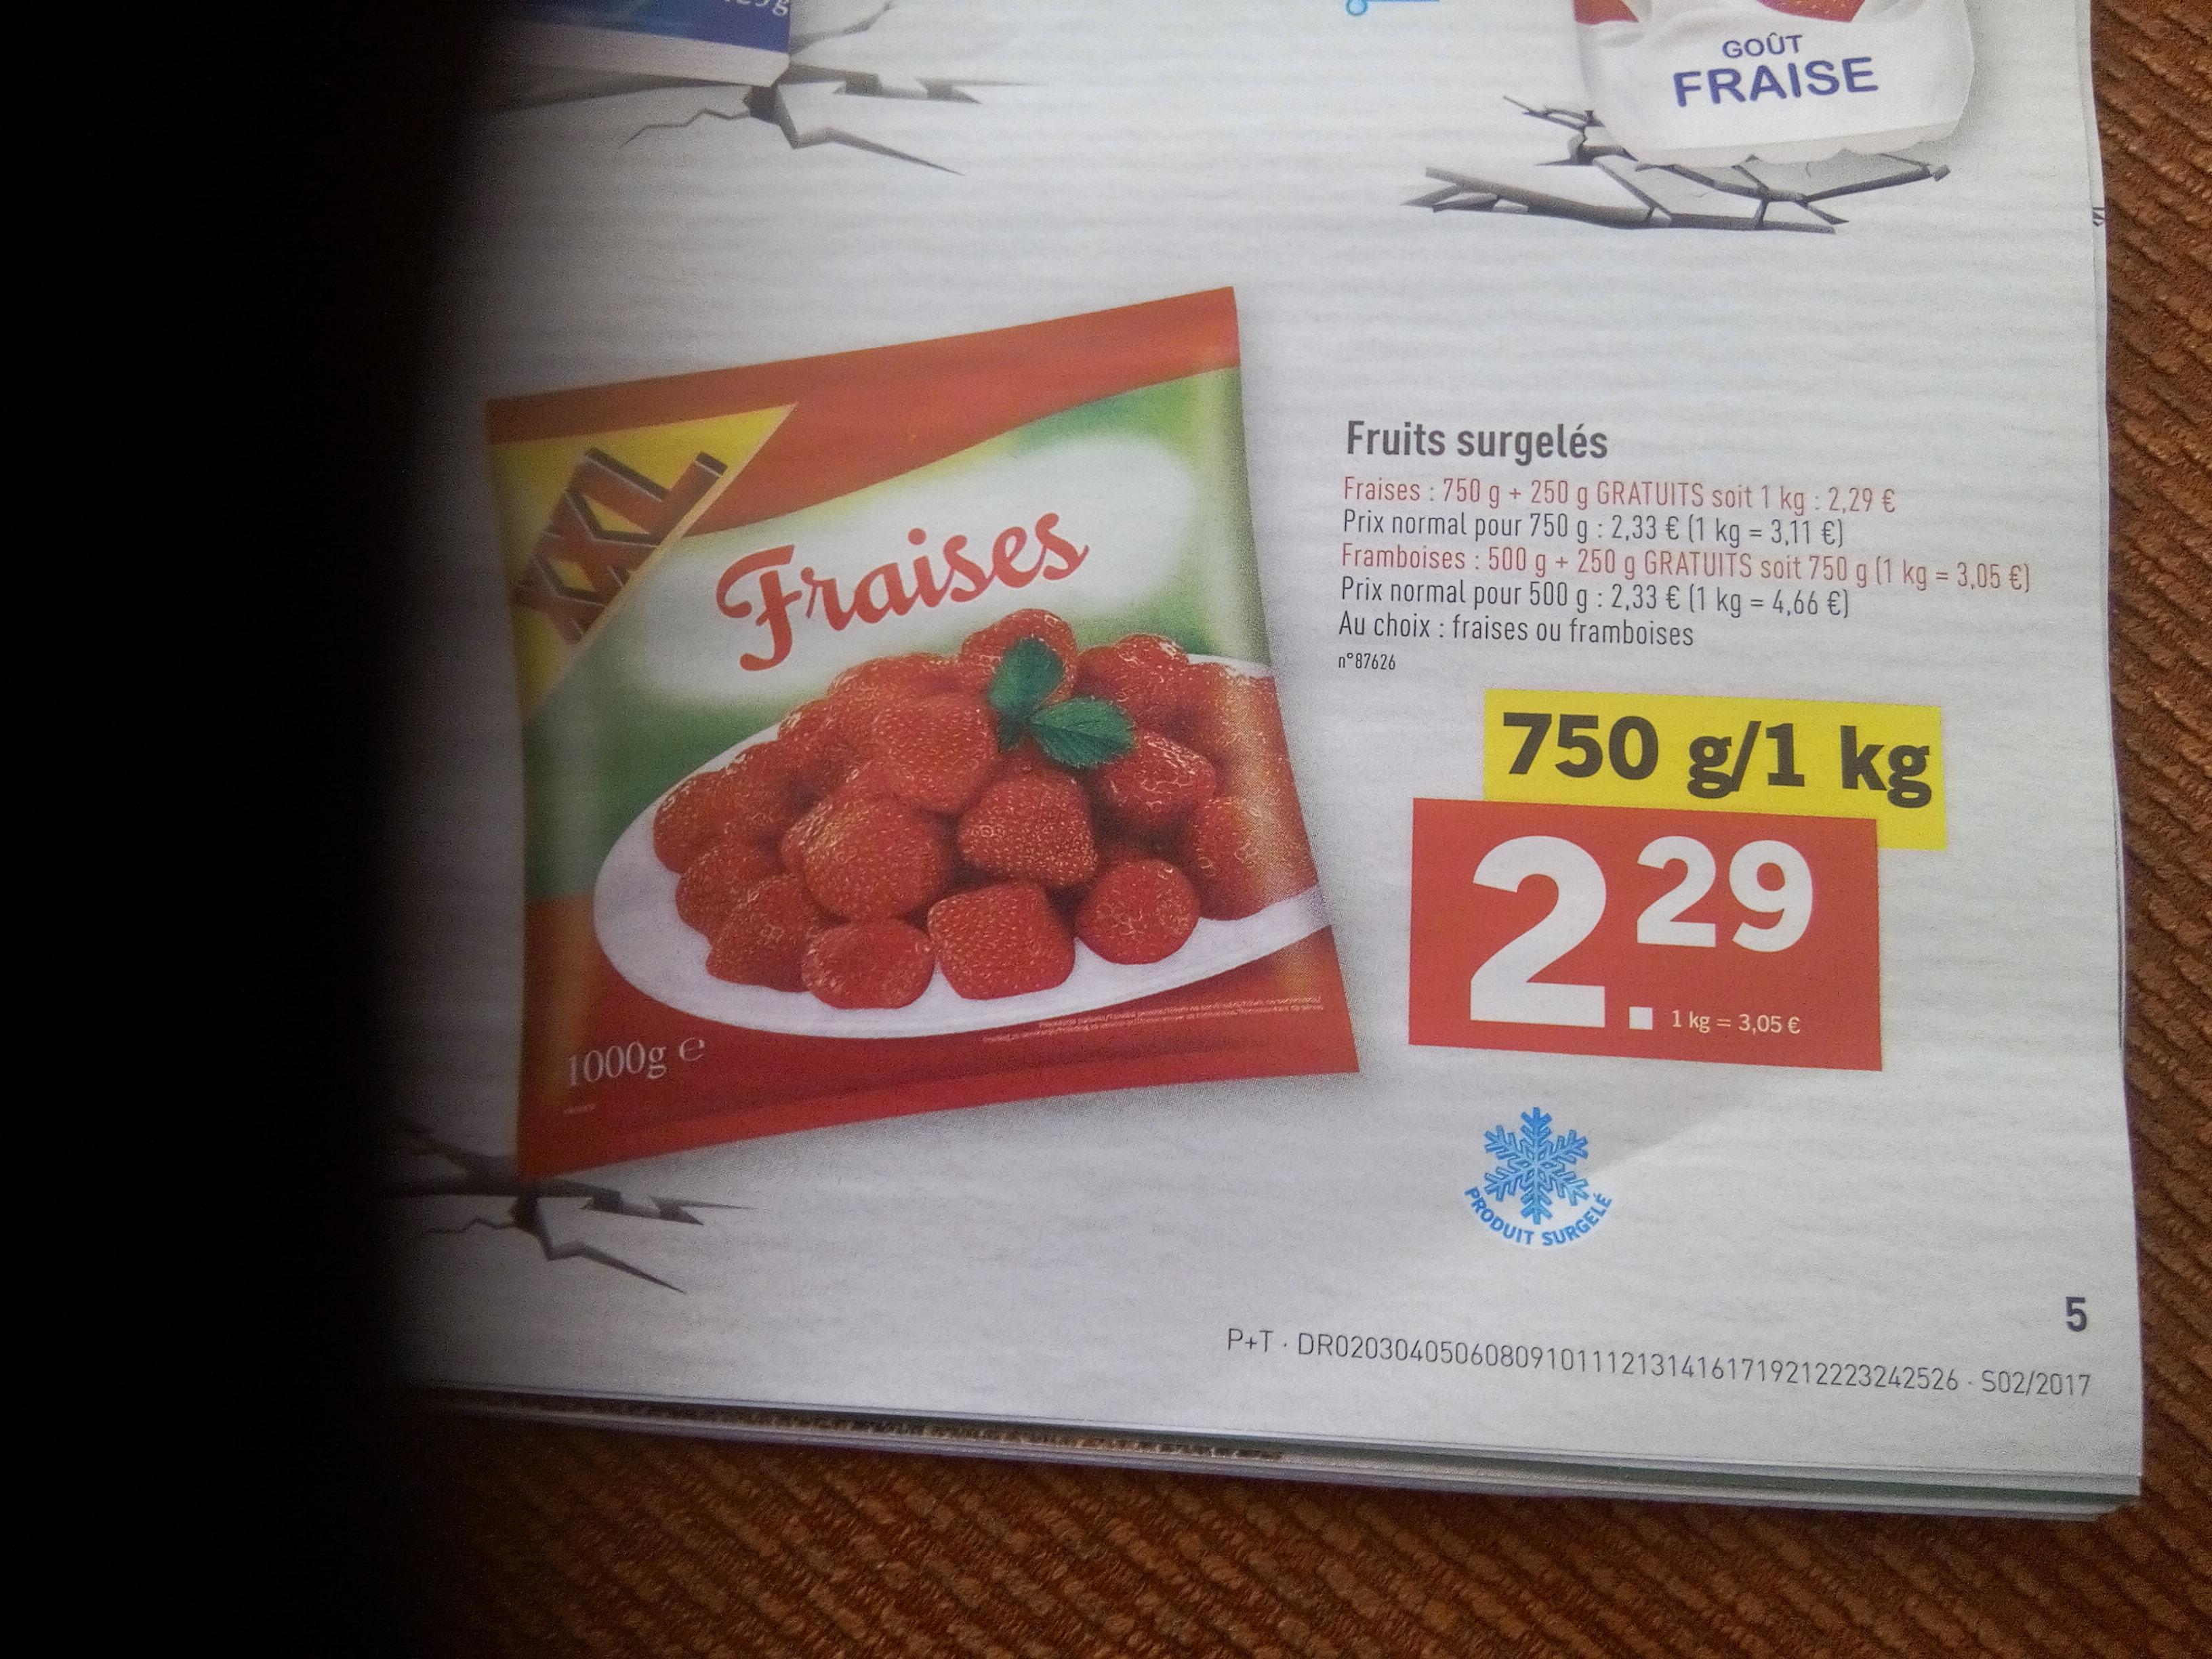 Le kilo de fraises surgelées